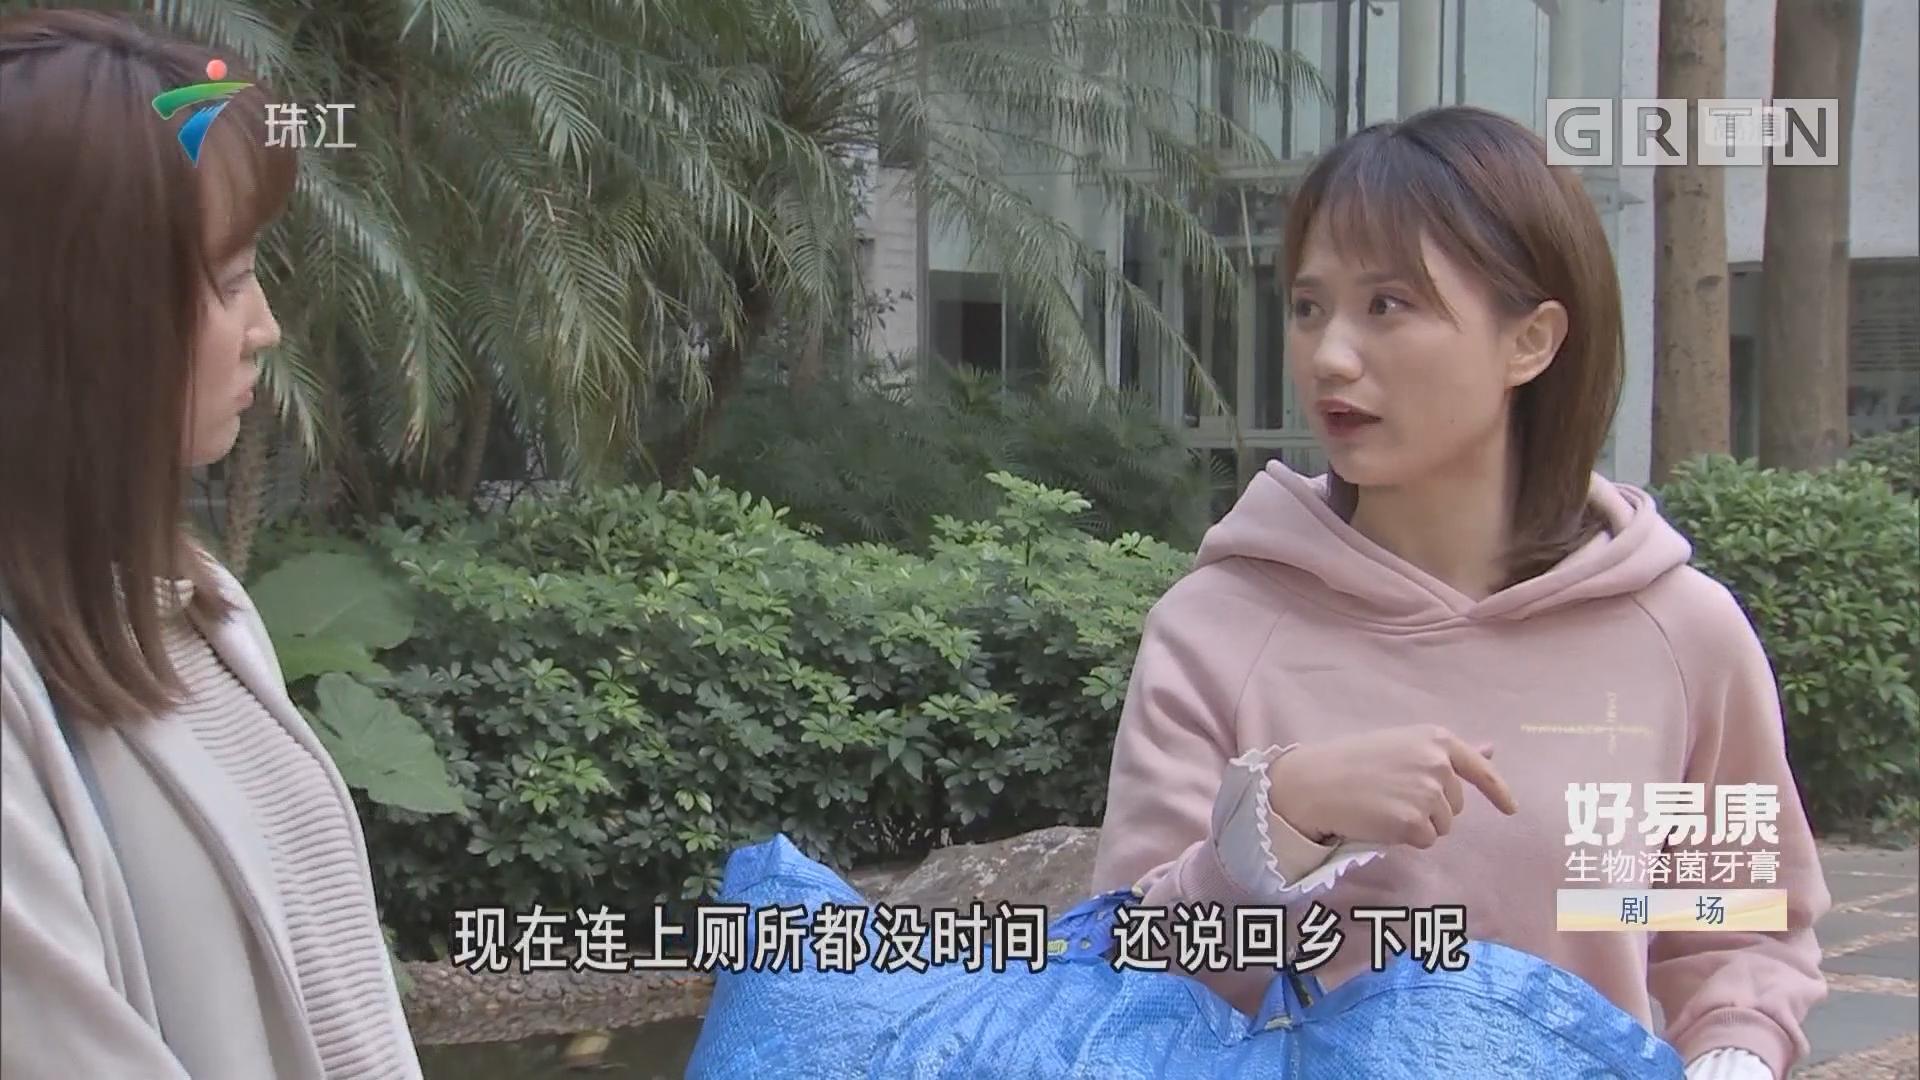 [HD][2019-03-23]外来媳妇本地郎:违心之恋(下)